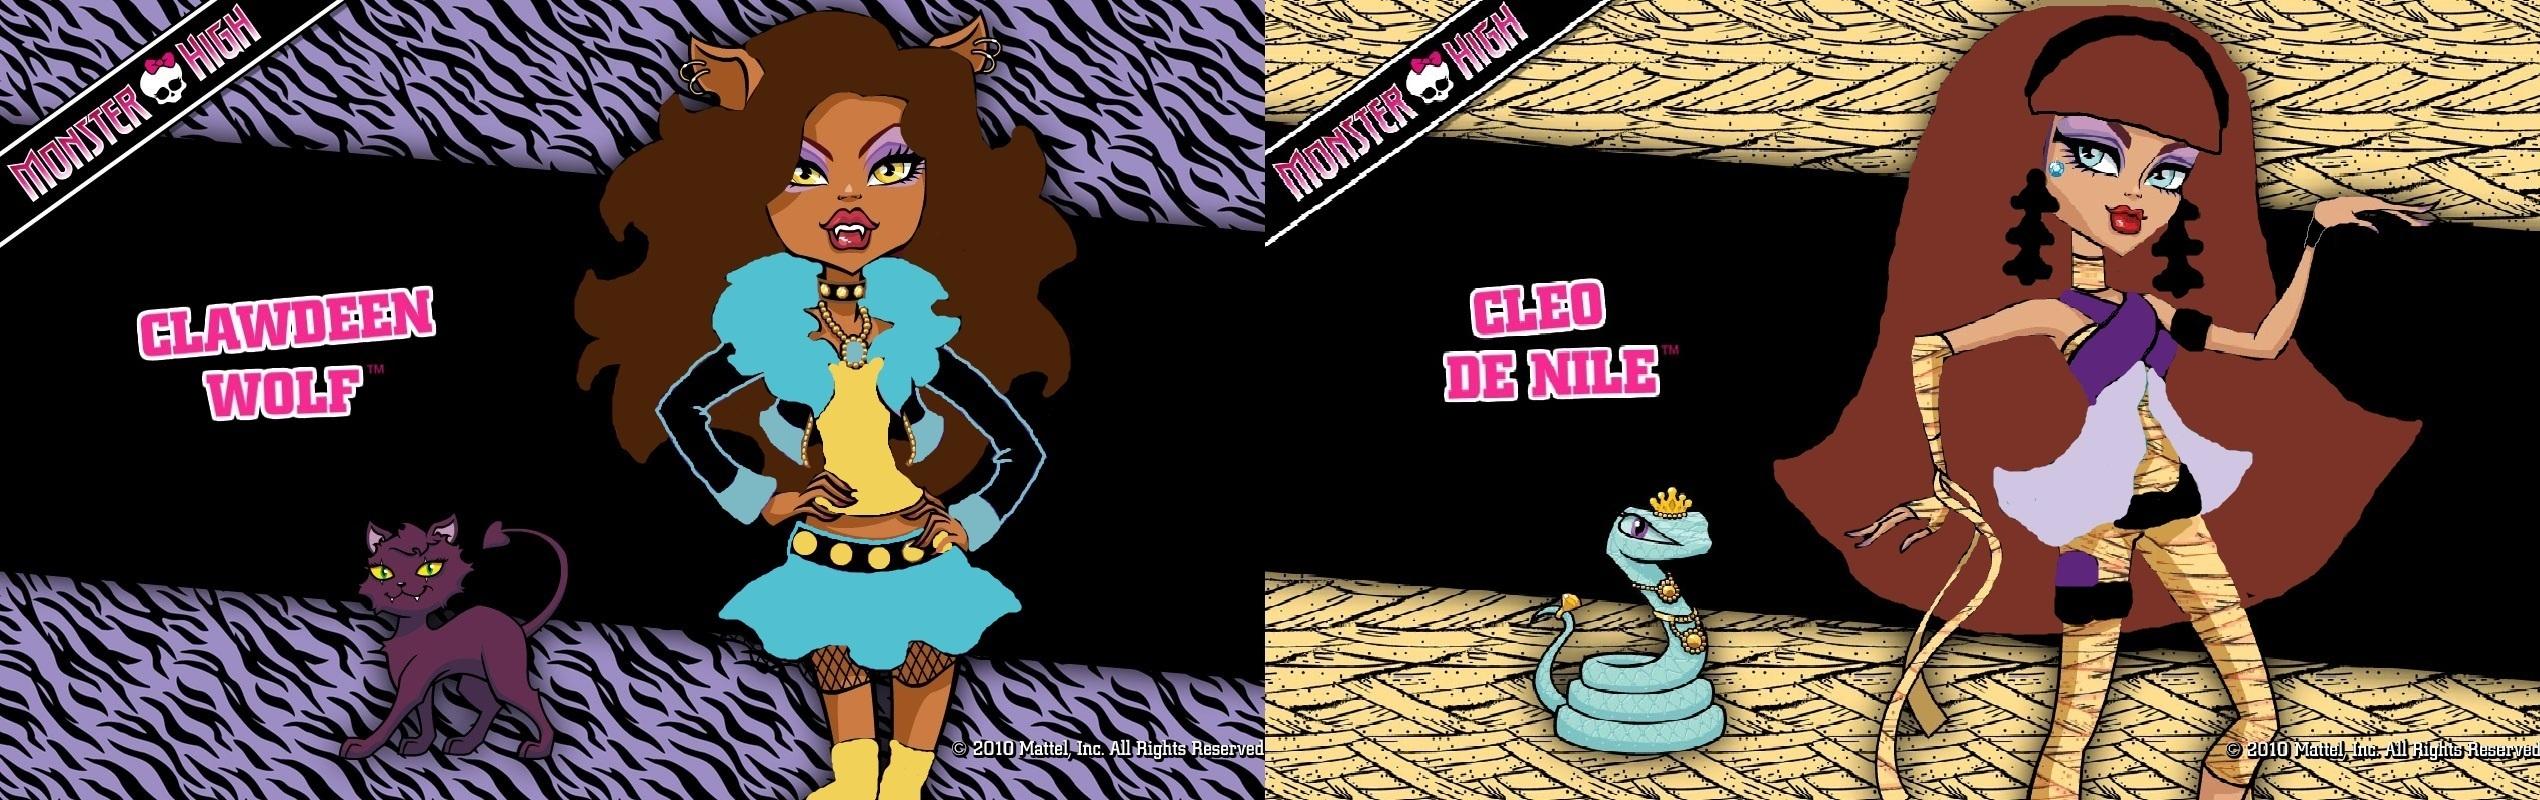 Clawdeen y Cleo cambio de color - monstruos de fotografías de alta